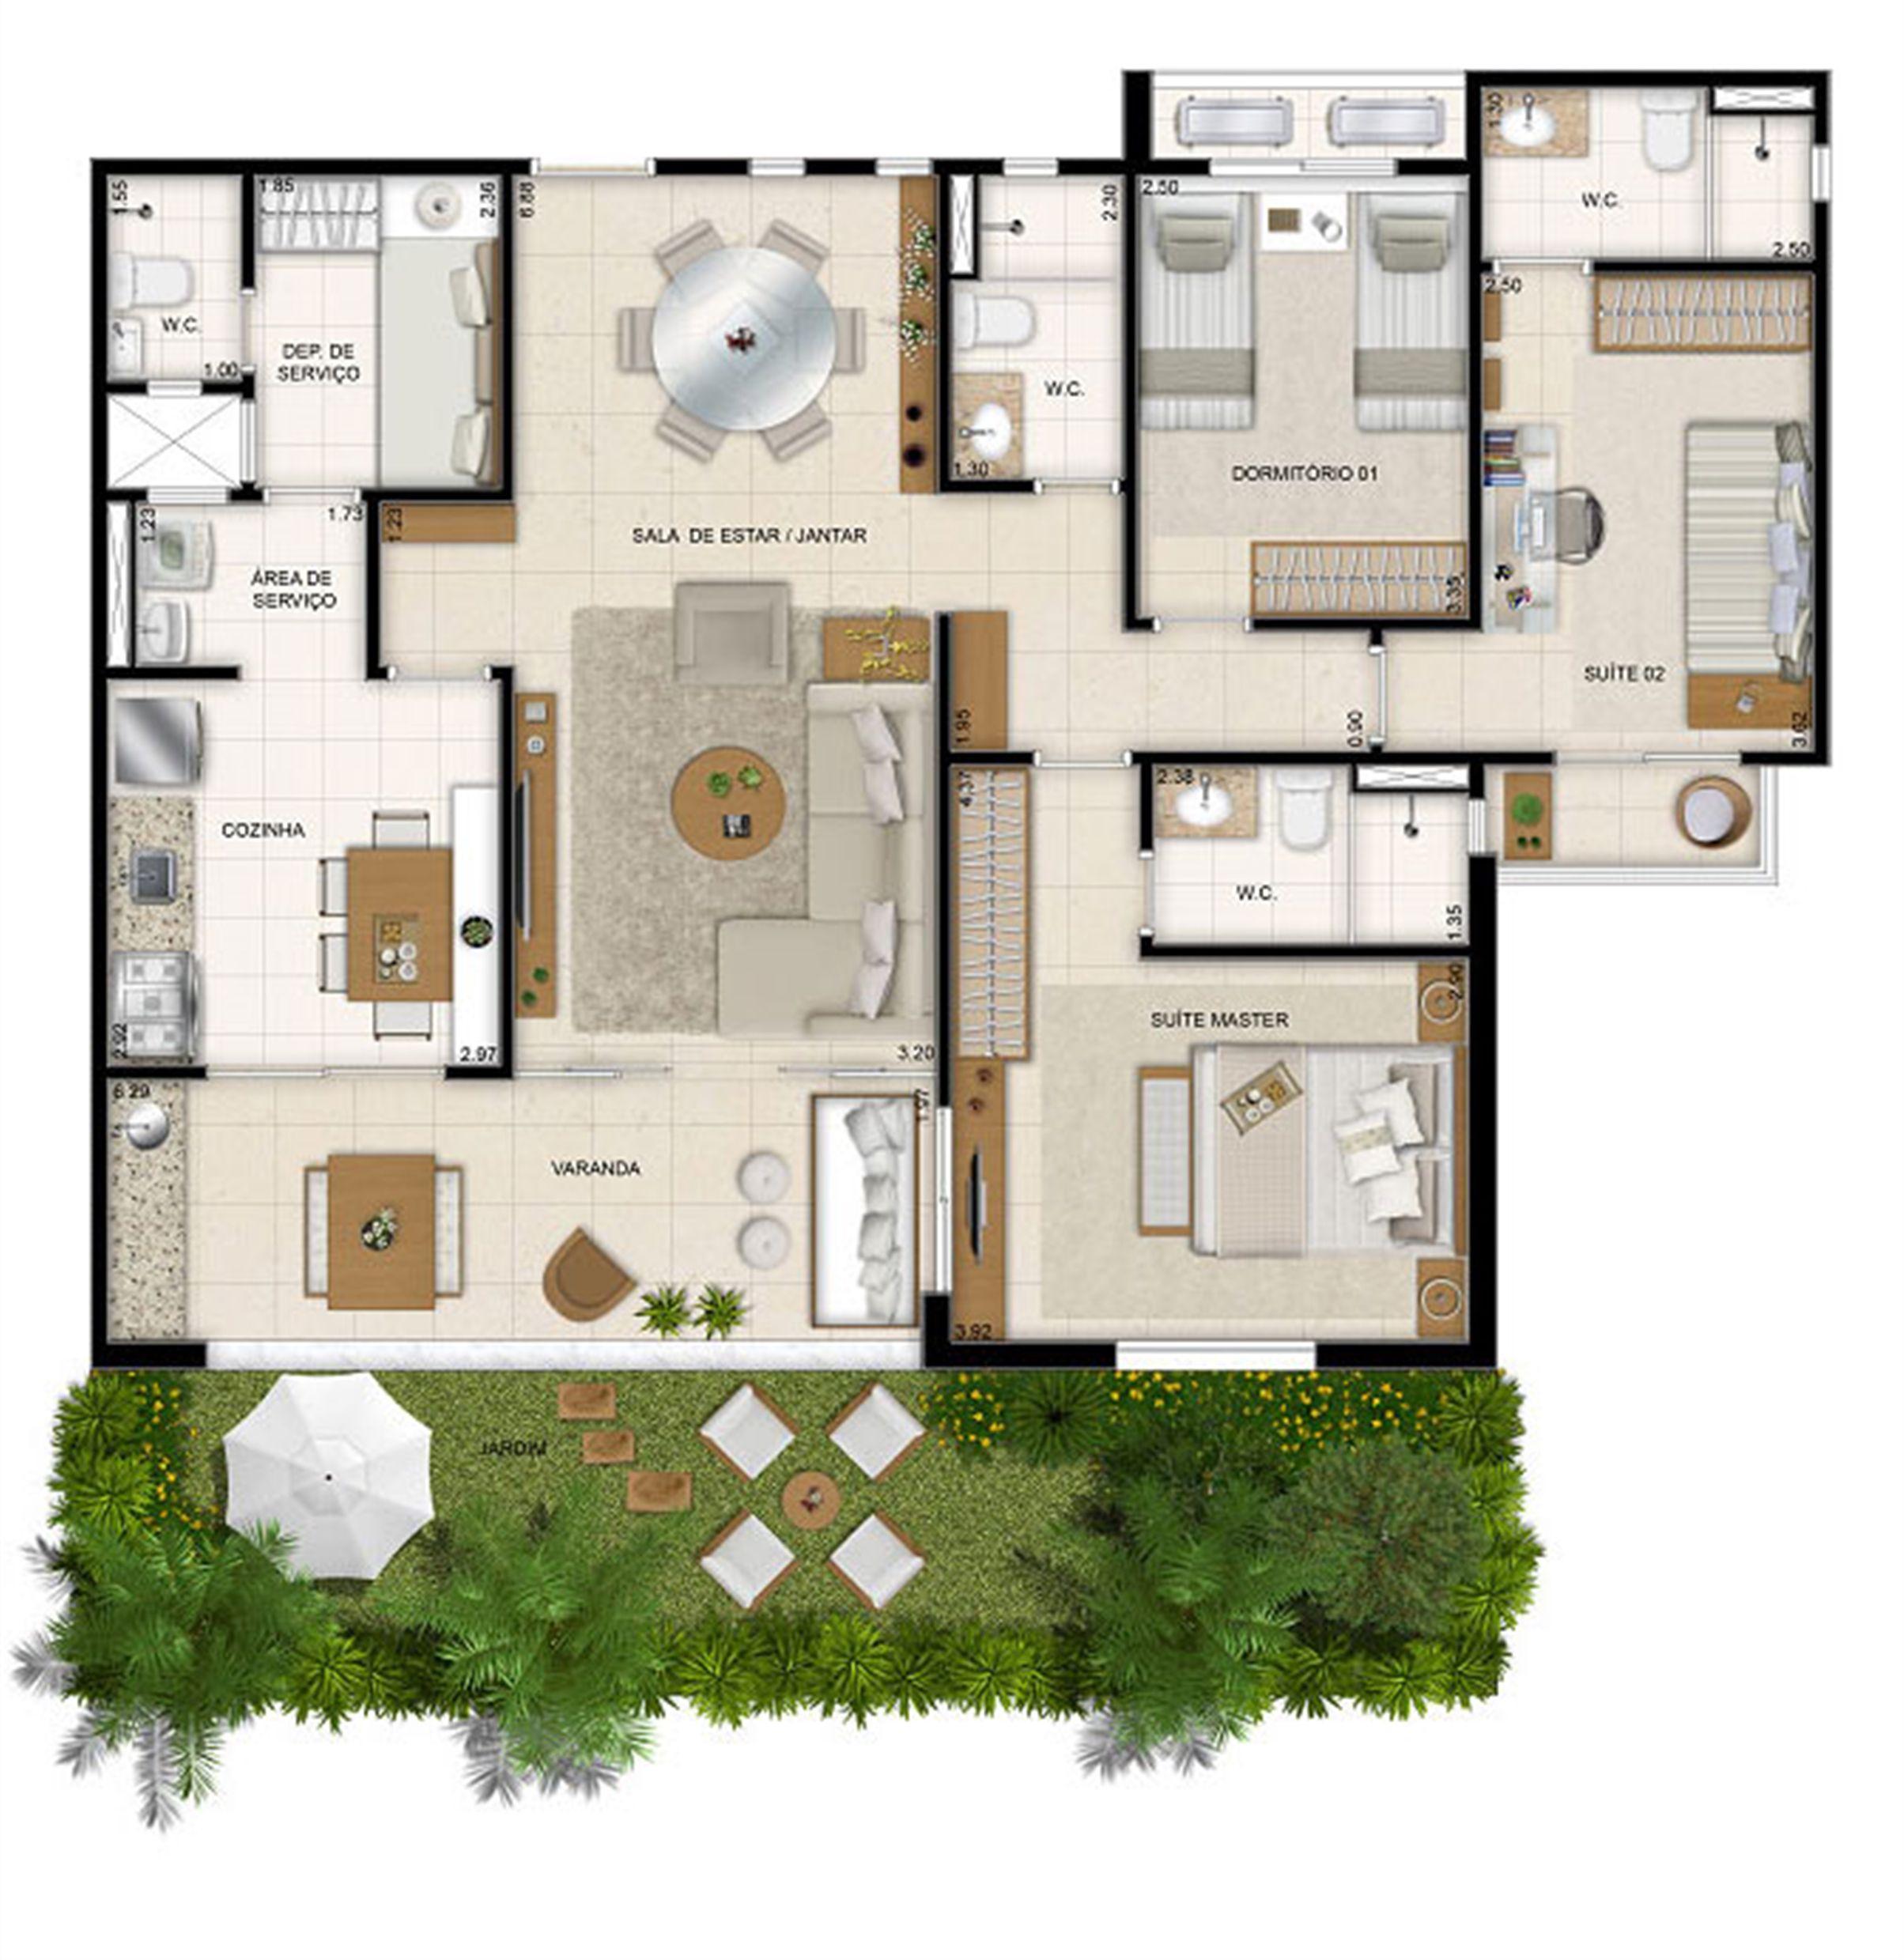 Perspectiva ilustrada da planta Mason Makani 113 m² | Mandara Kauai – Apartamento no  Porto das Dunas - Aquiraz - Ceará